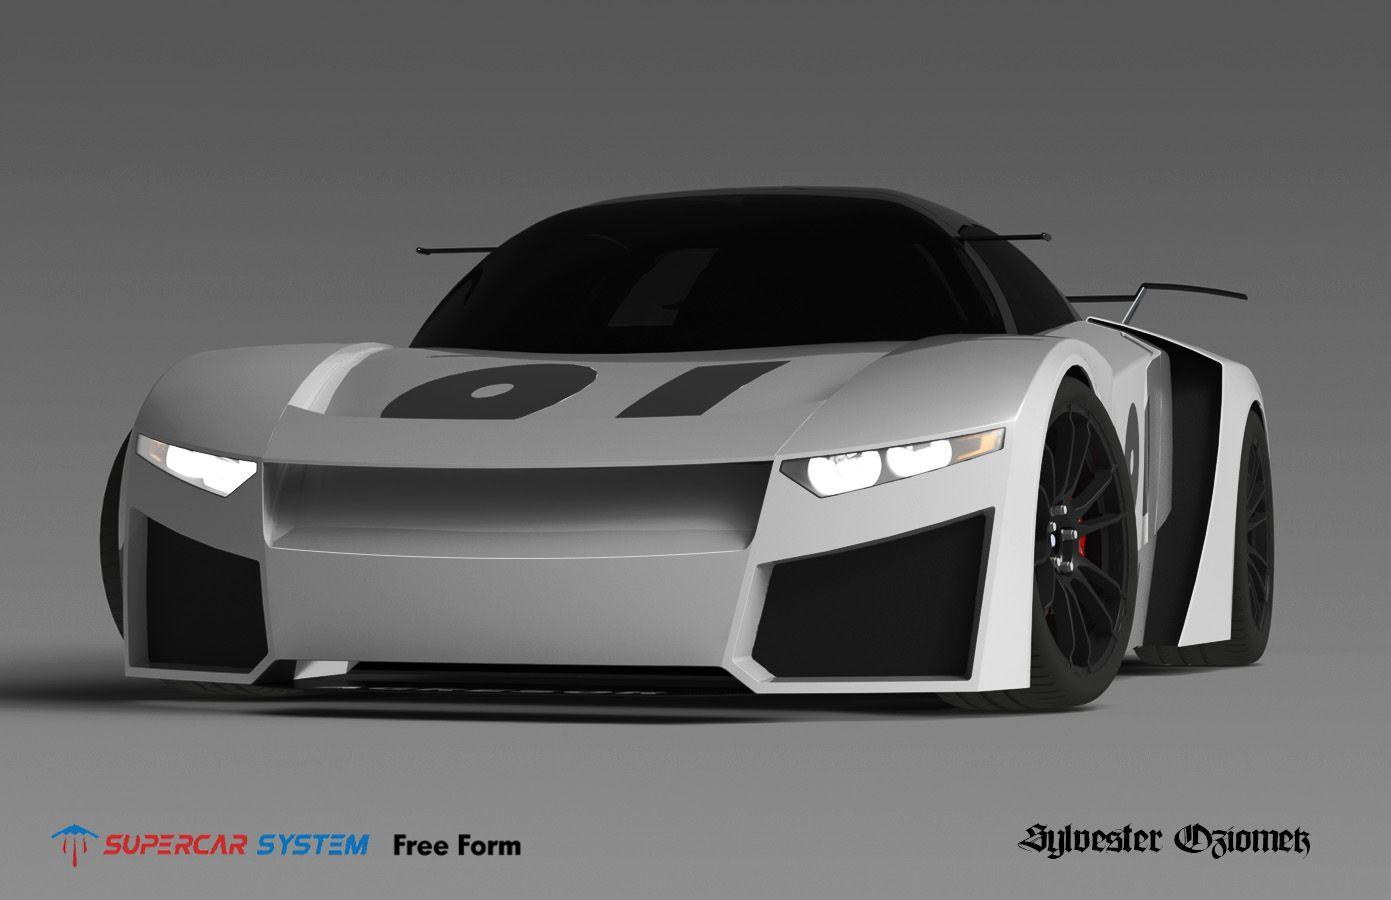 Agresor Supercar Supercar System Body Design Challenge Super Cars Design Challenges Sports Car